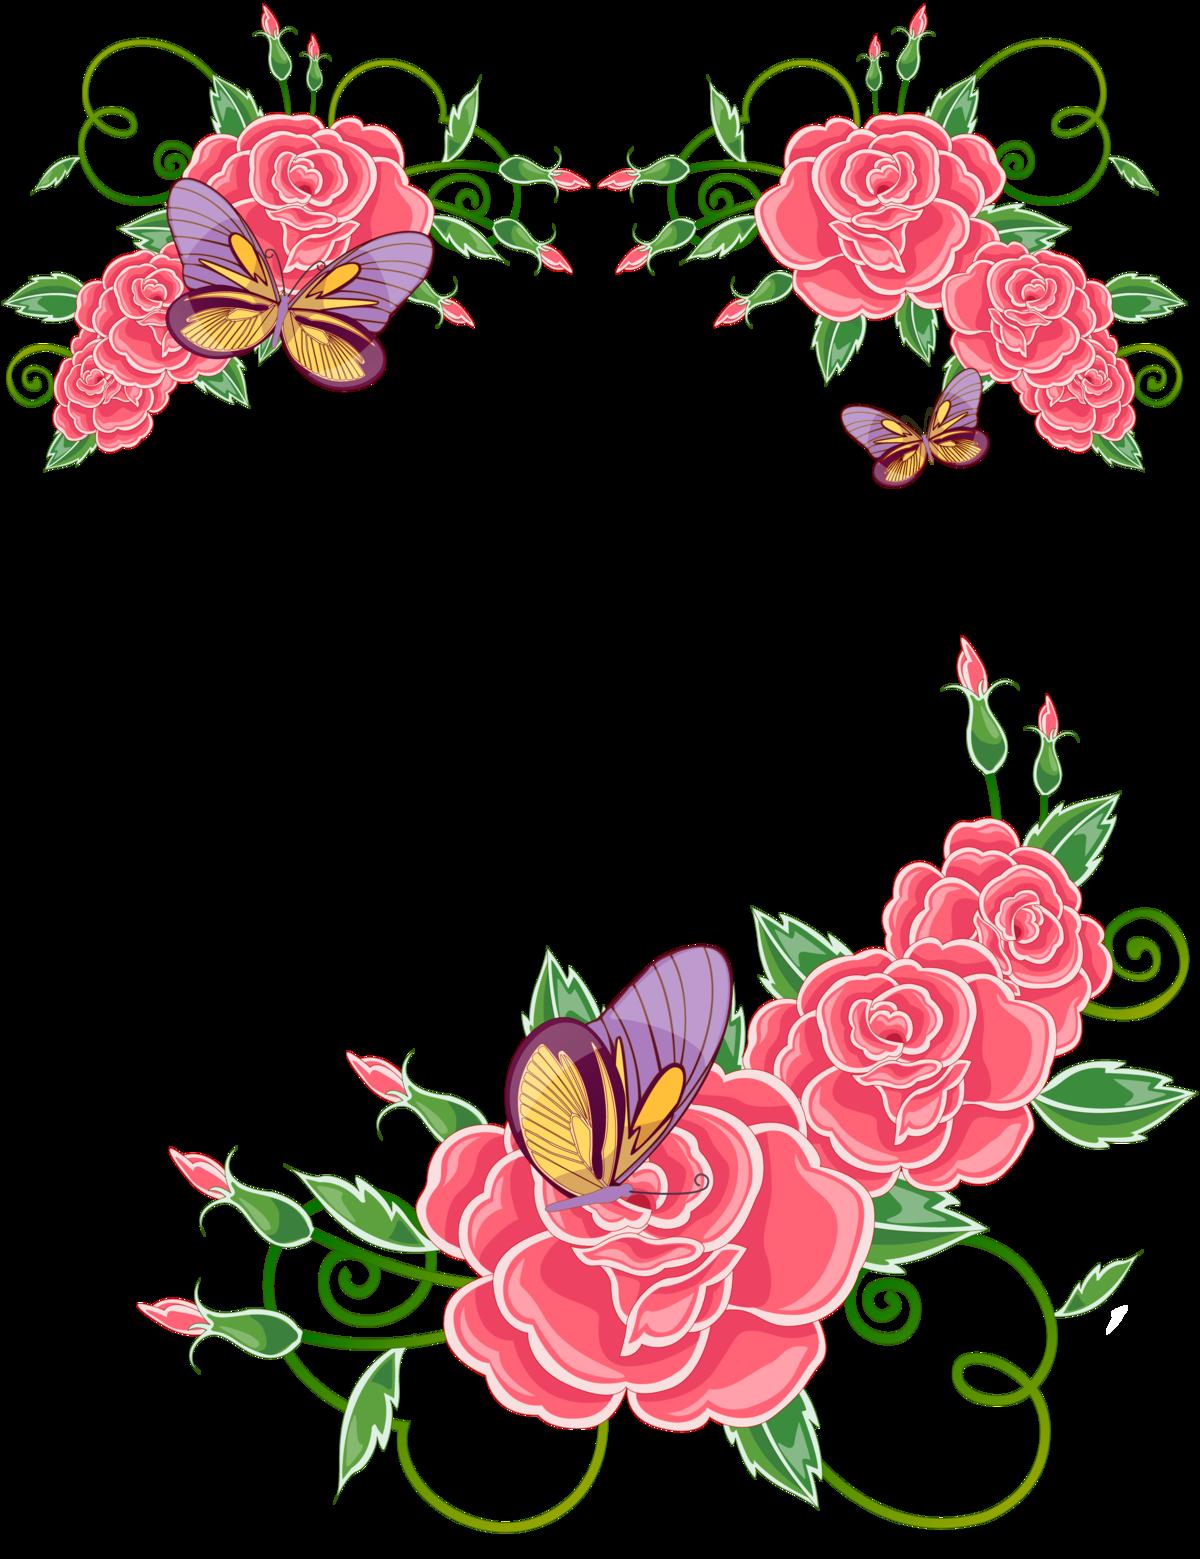 Цветов без, орнаменты цветочные для открыток